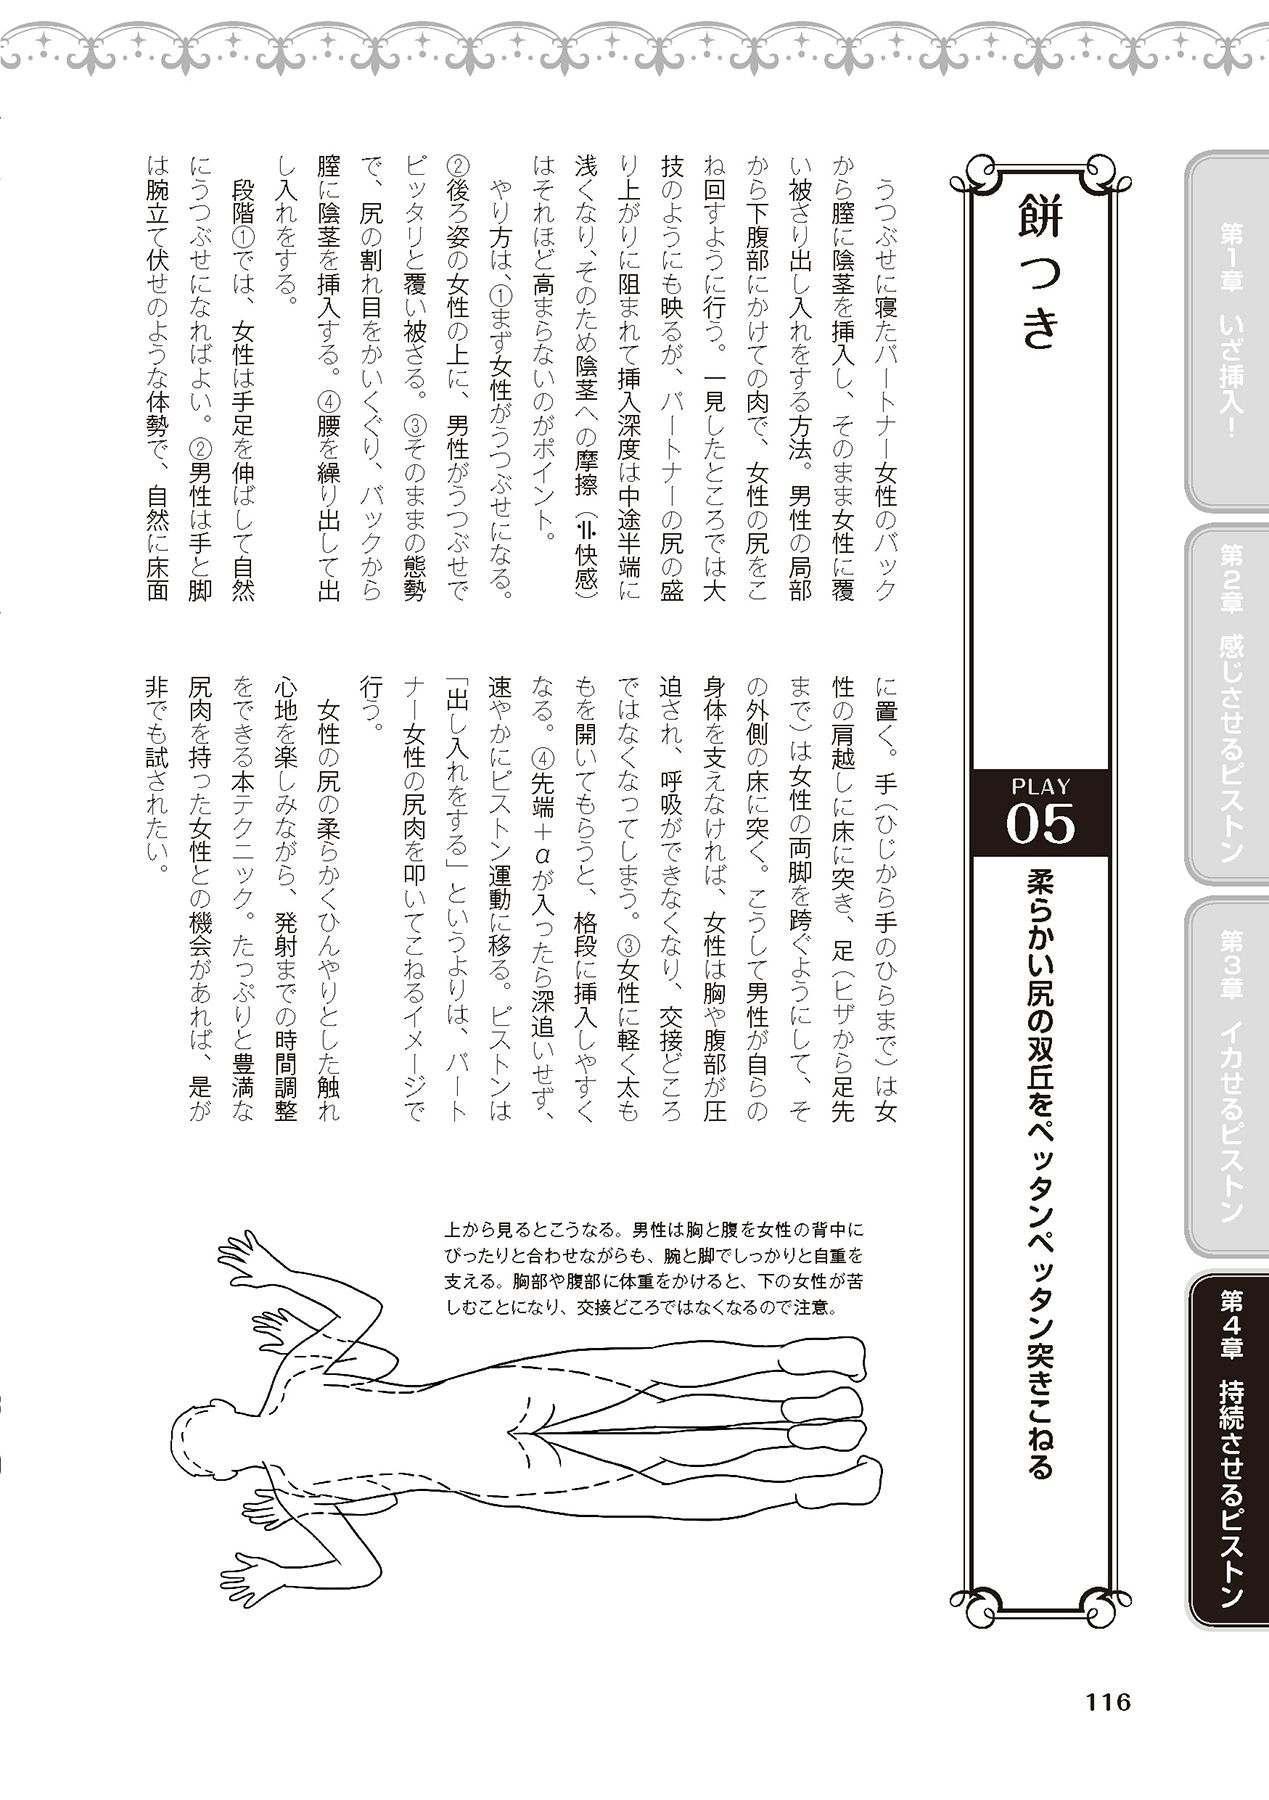 膣挿入&ピストン運動完全マニュアル イラスト版……ピスとんッ! 117